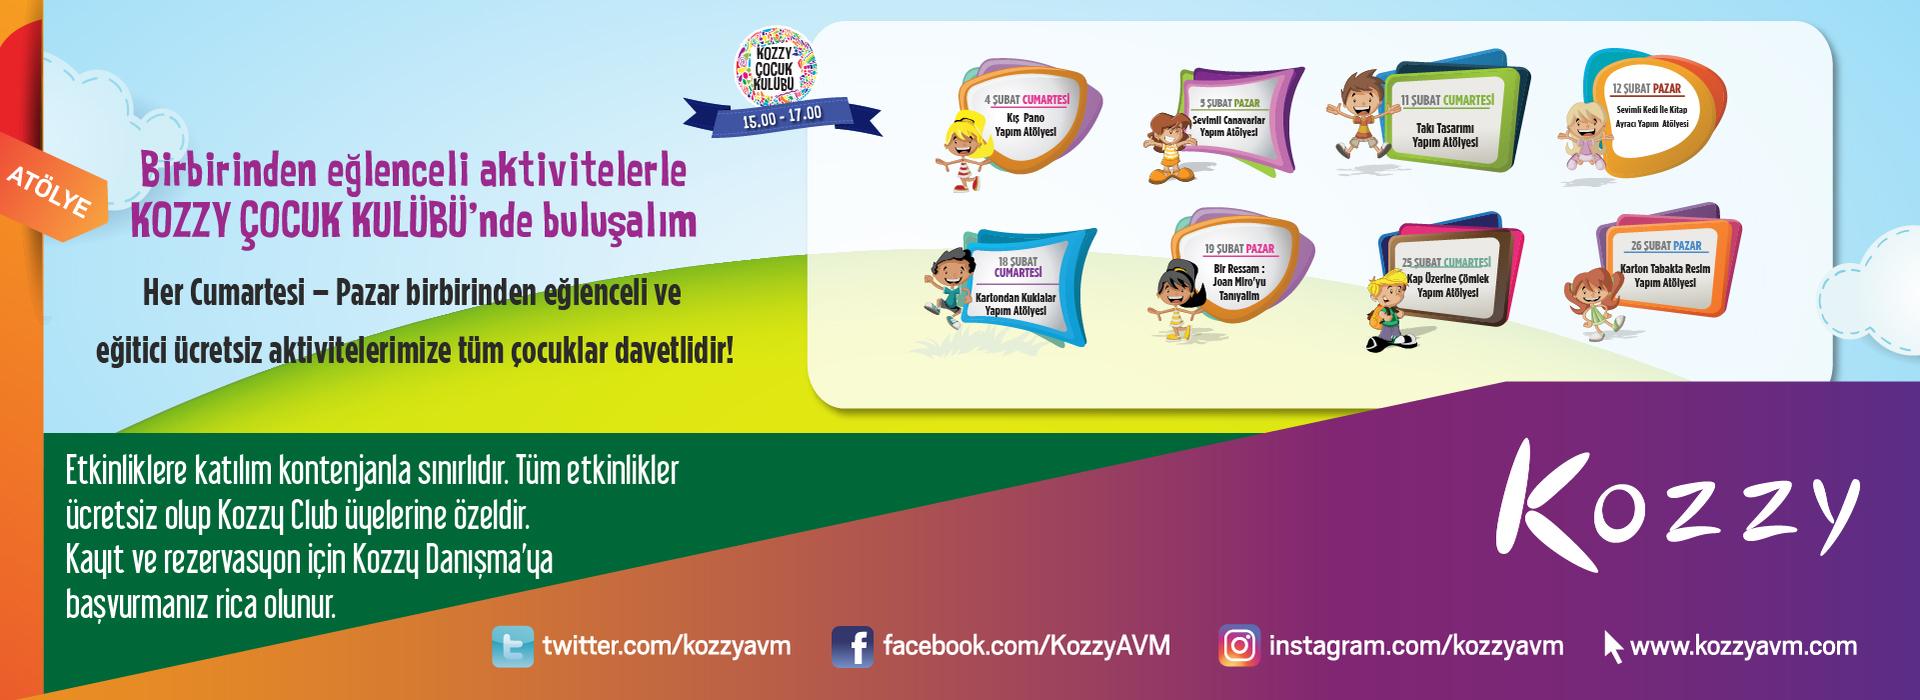 Birbirinden Eğlenceli Aktivitelerle Kozzy Çocuk Kulübü'nde Buluşalım